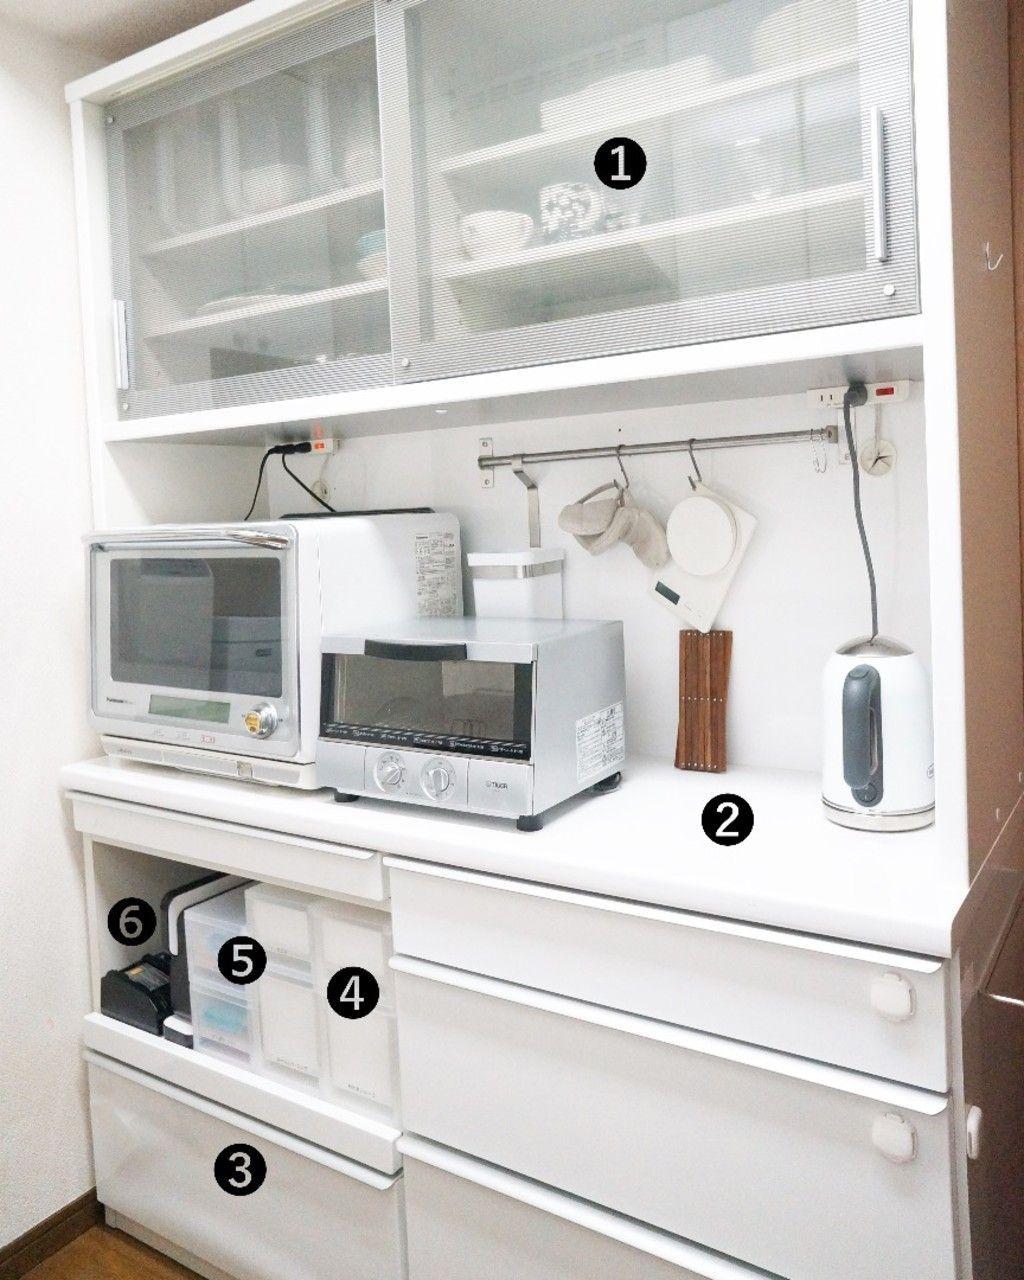 キッチン収納 使いやすい食器棚って わたしがラクする食器棚の収納方法をご紹介 Tv Unit Furniture Kitchen Cabinets Home Decor